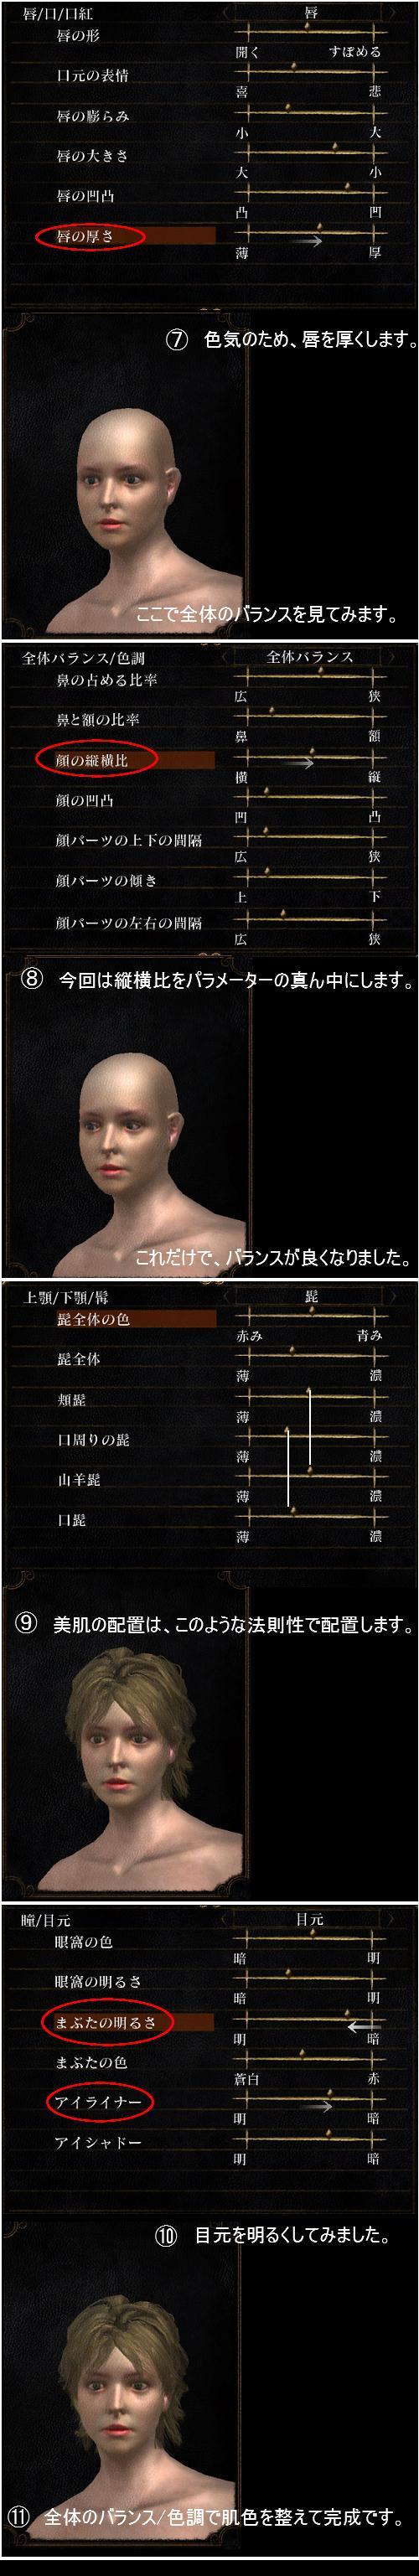 蠕檎キィ・狙convert_20110925133007